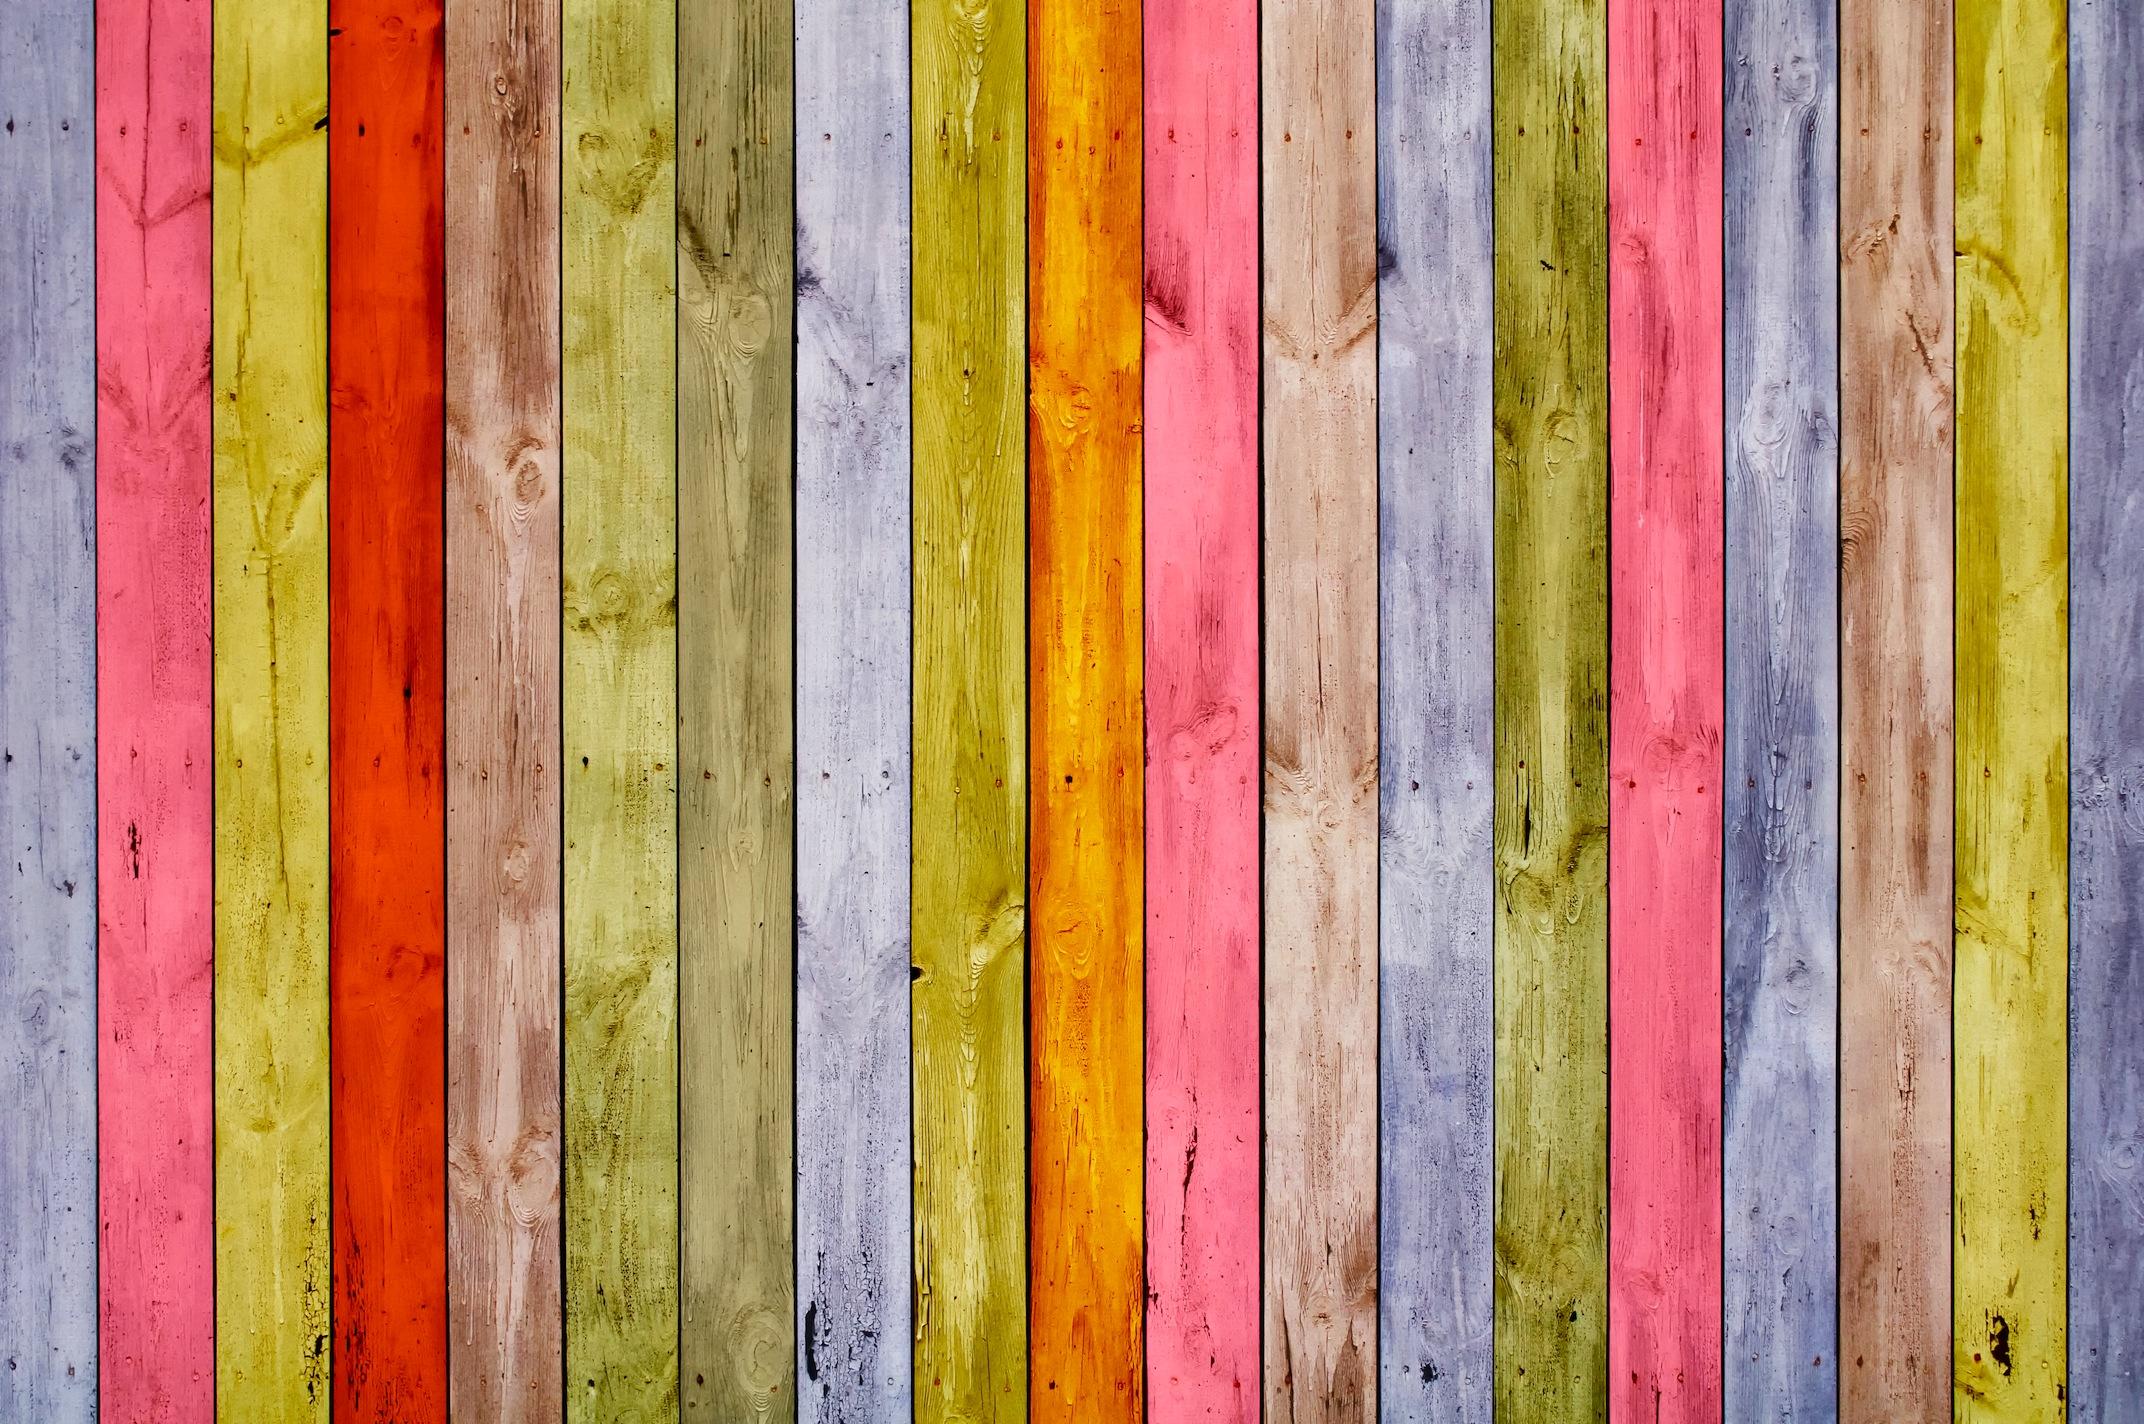 Décorations en bois tapisserie murale